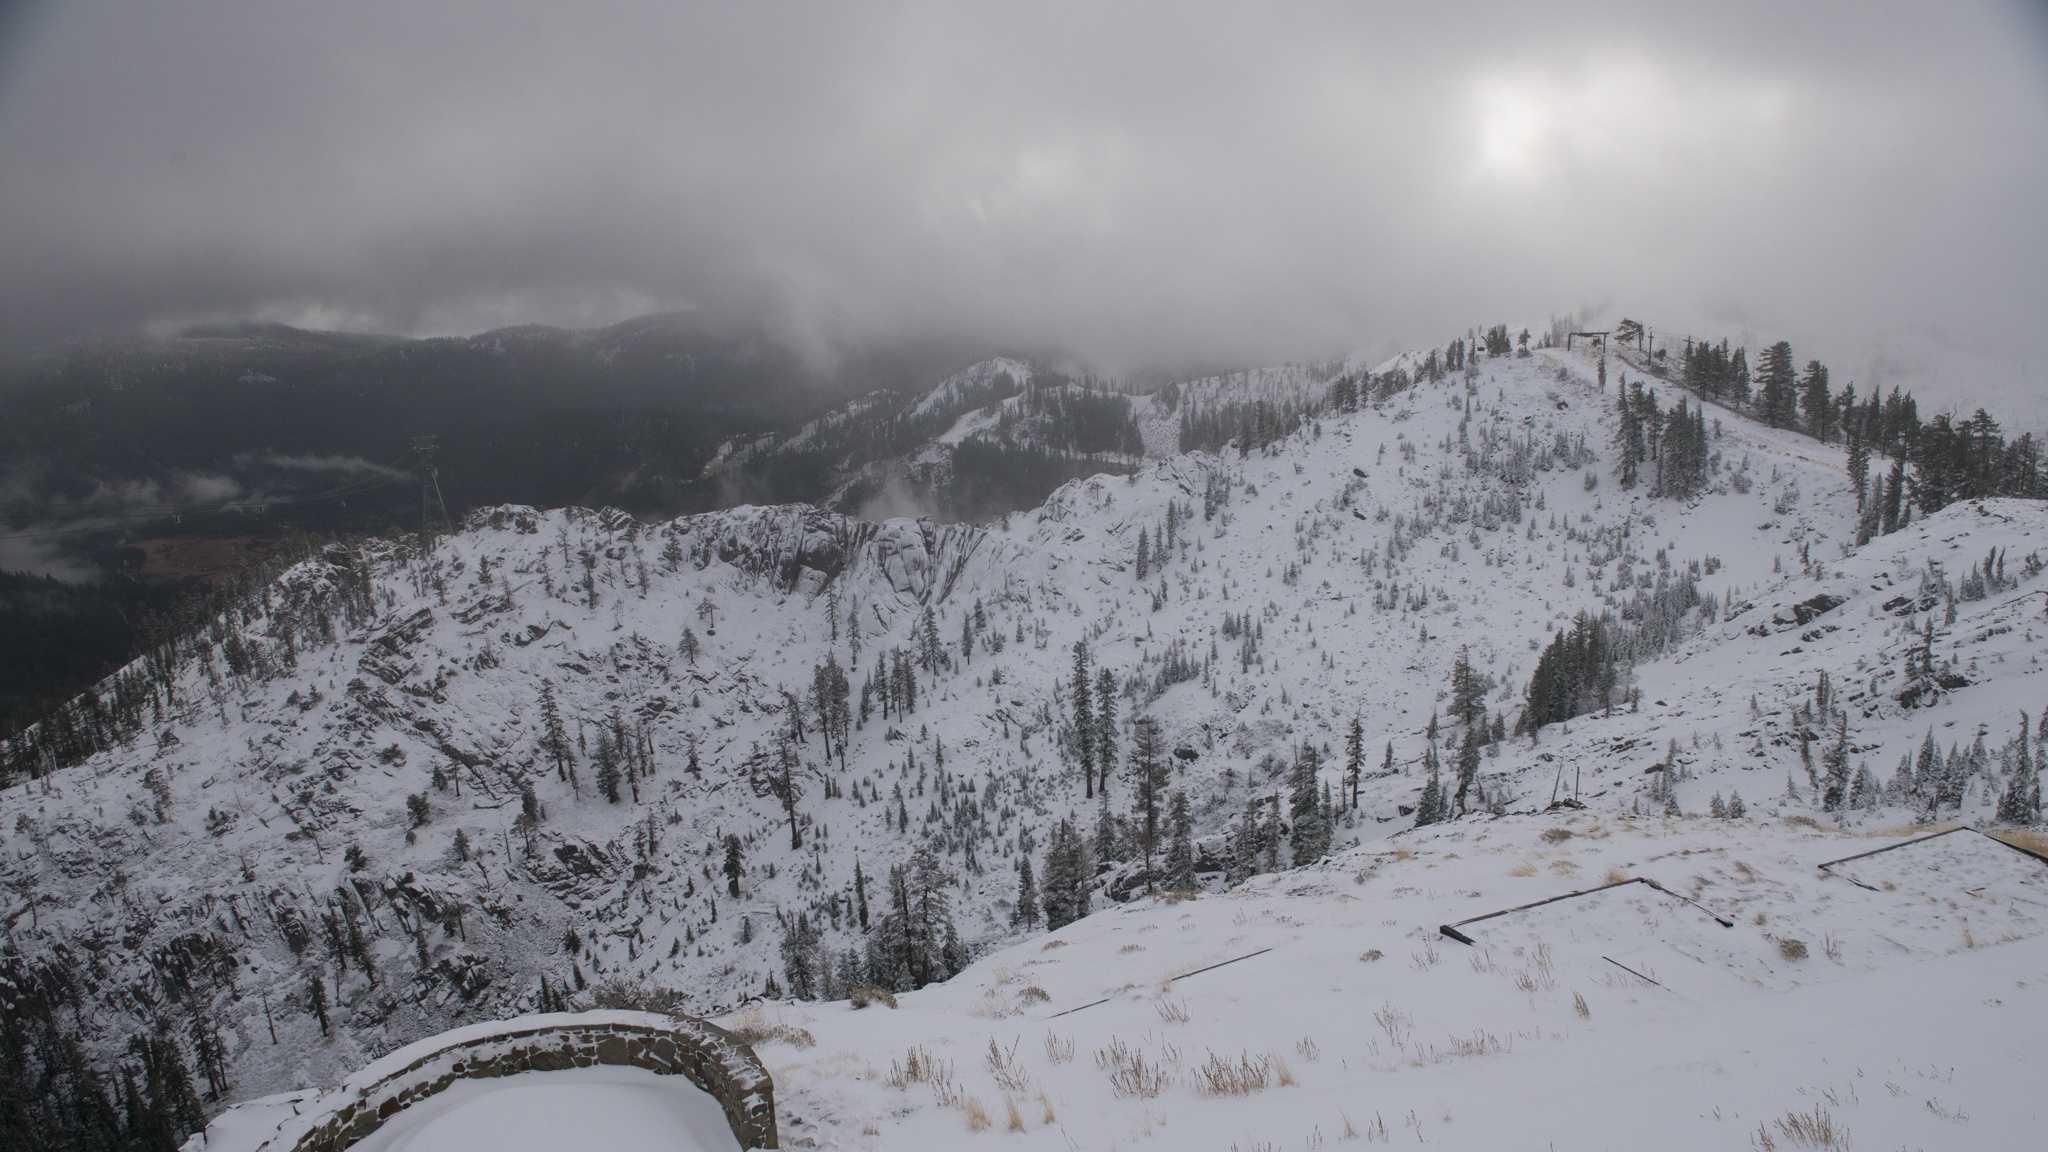 A snapshot of Squaw Valley Resort after November snowfall. (Nov. 20, 2013)